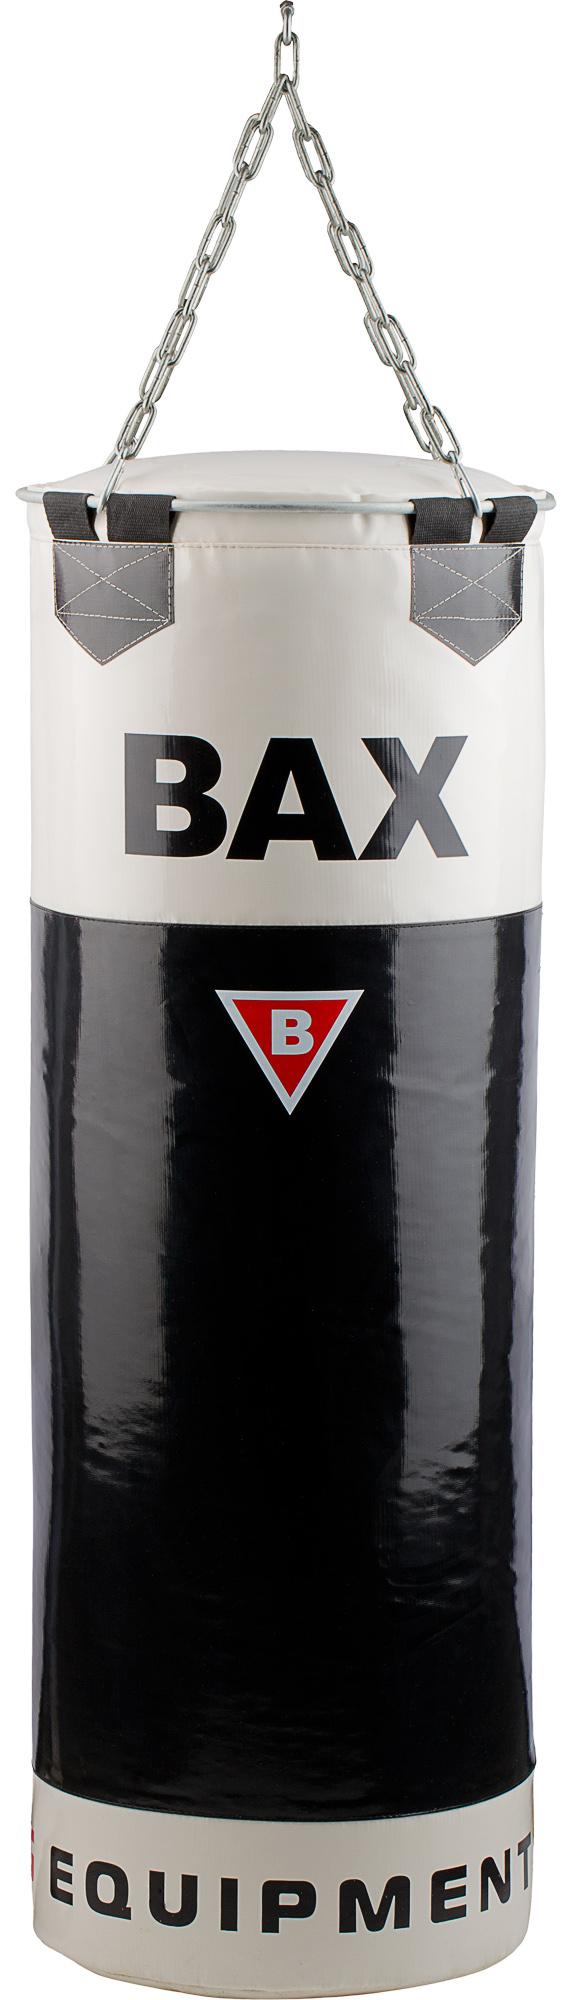 Bax Мешок набивной Bax, 80 кг bax мешок набивной bax 40 кг